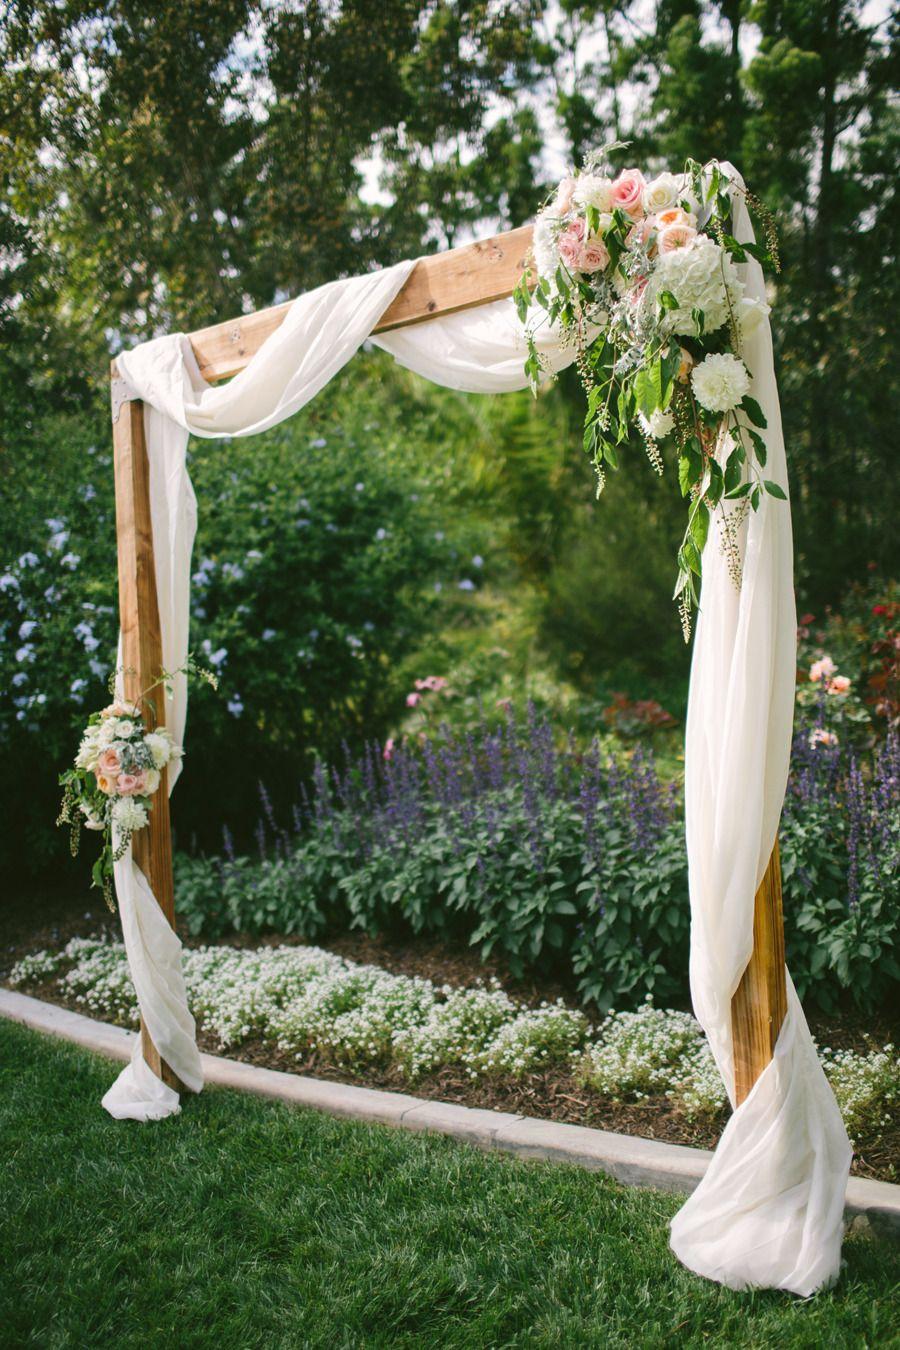 Black Wedding Arch Decorations